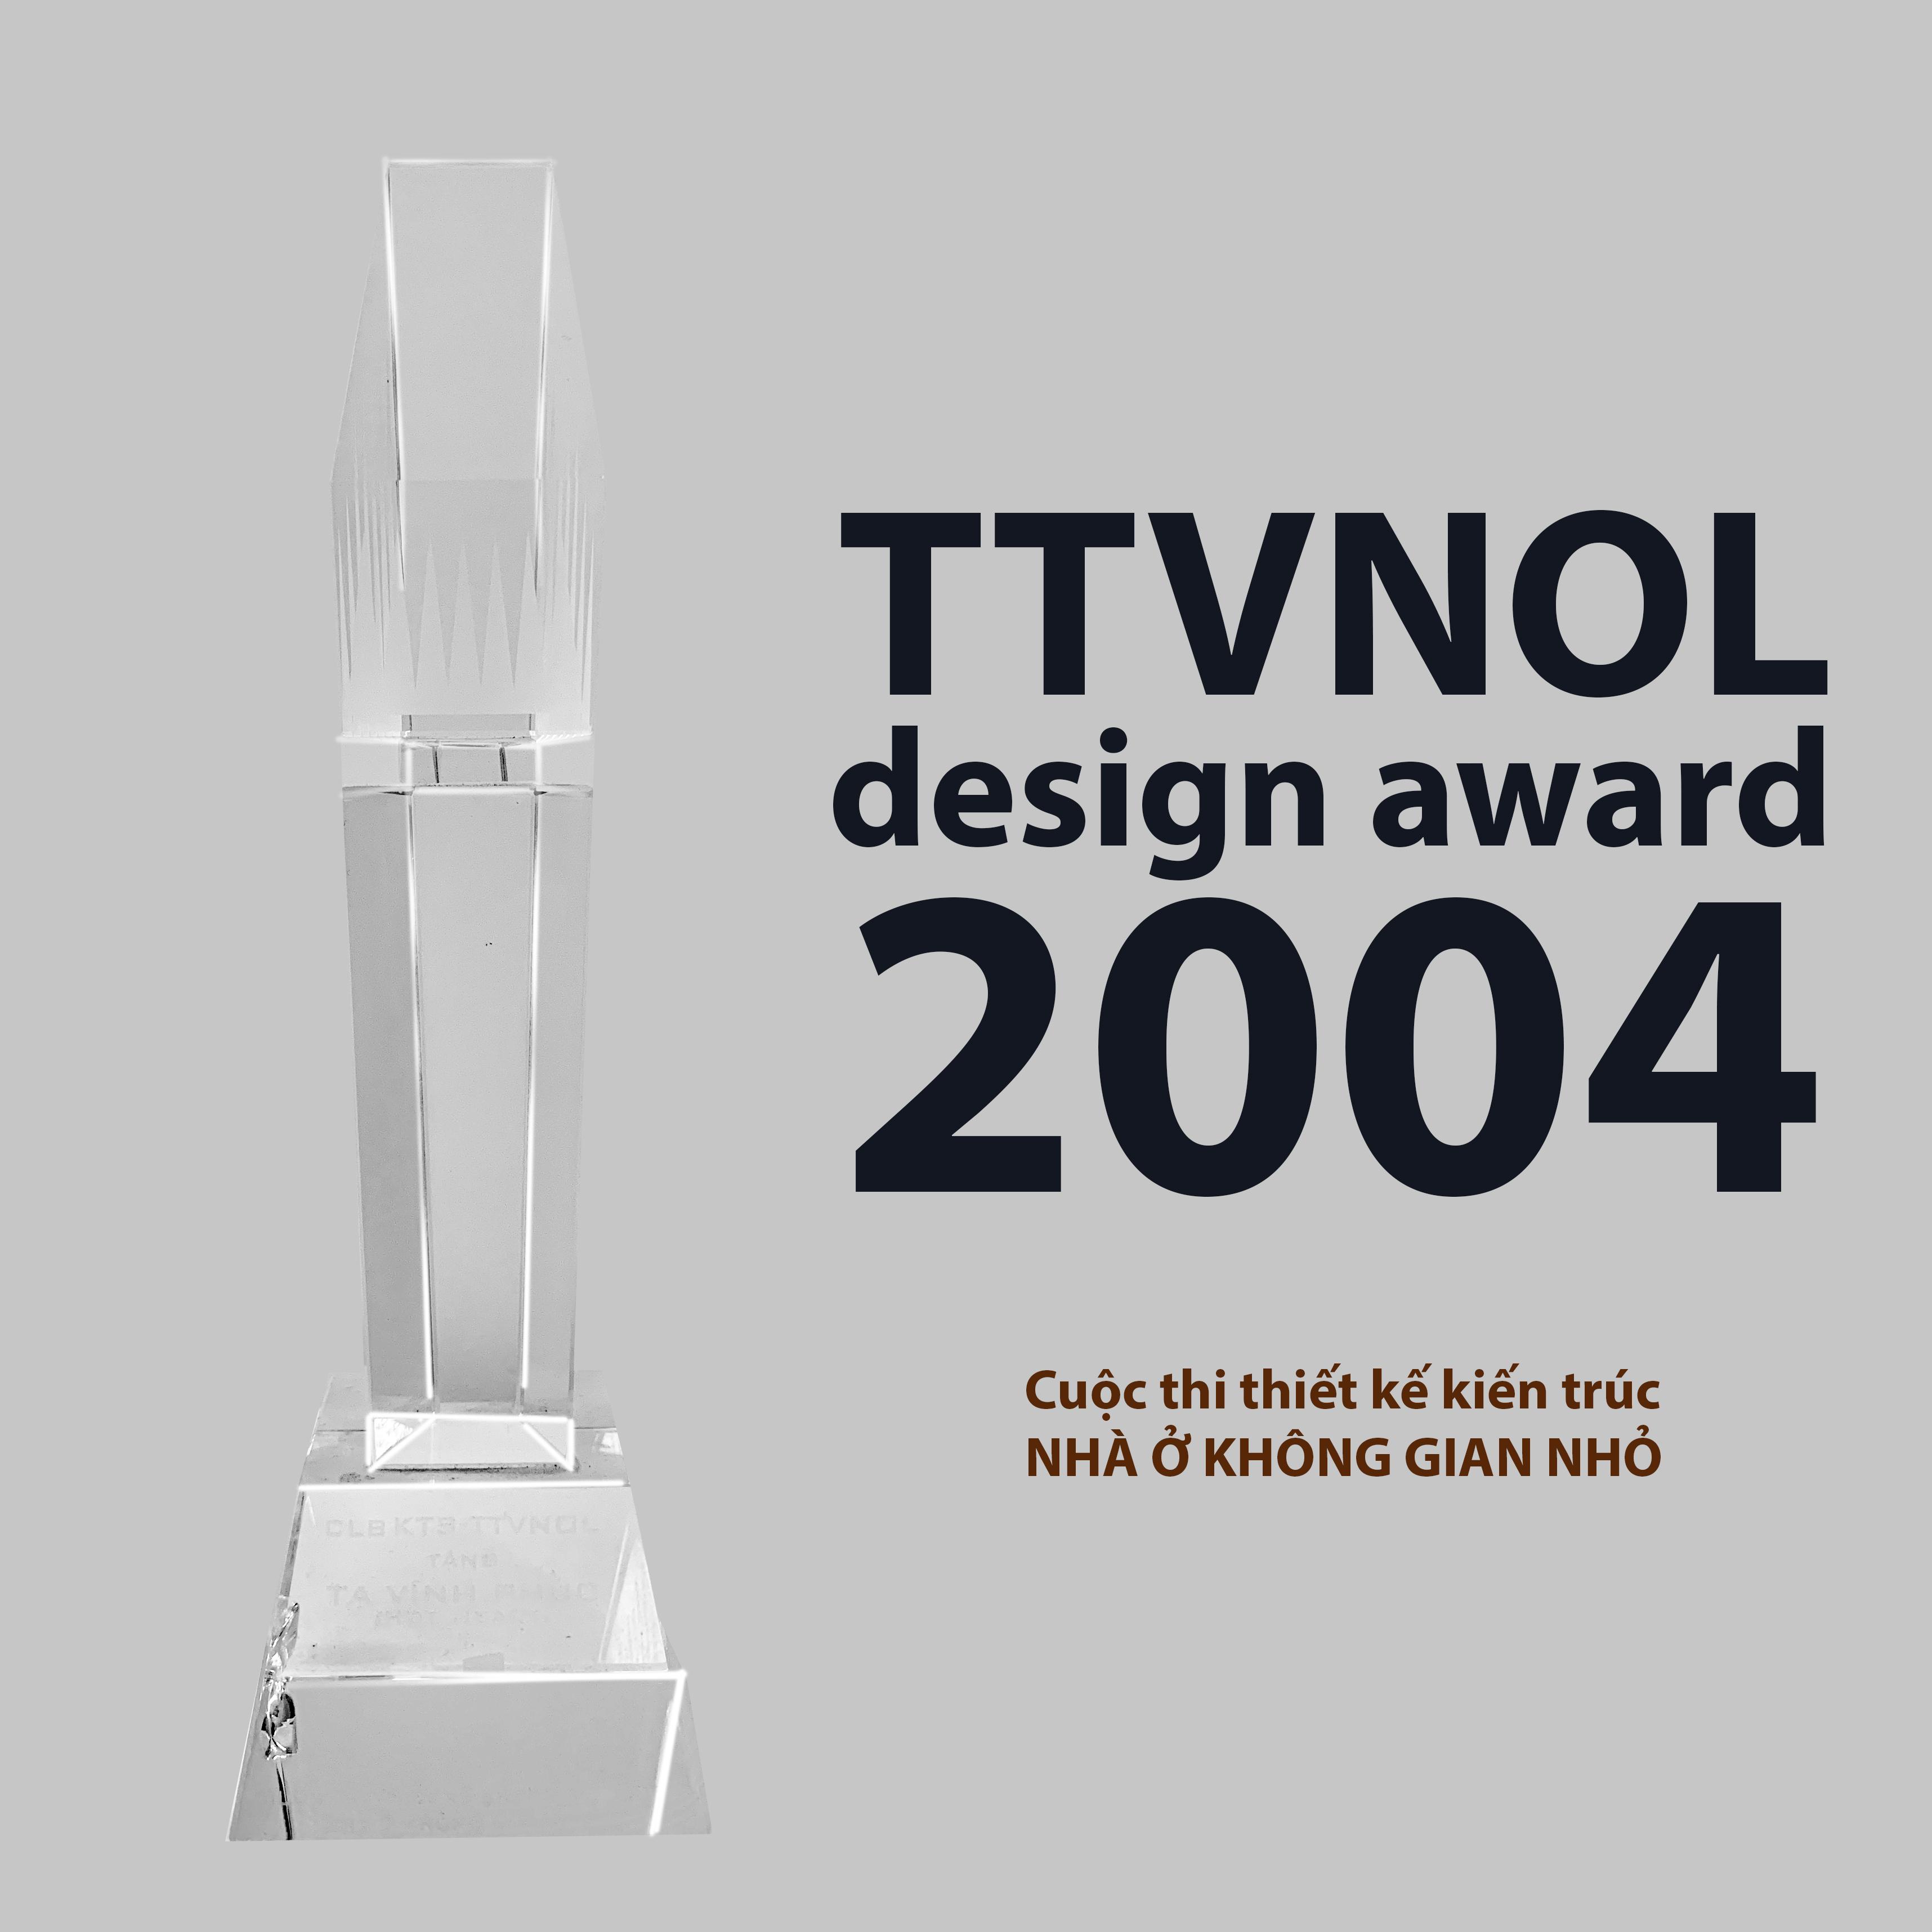 Giải thưởng thiết kế TTVNOL 2004